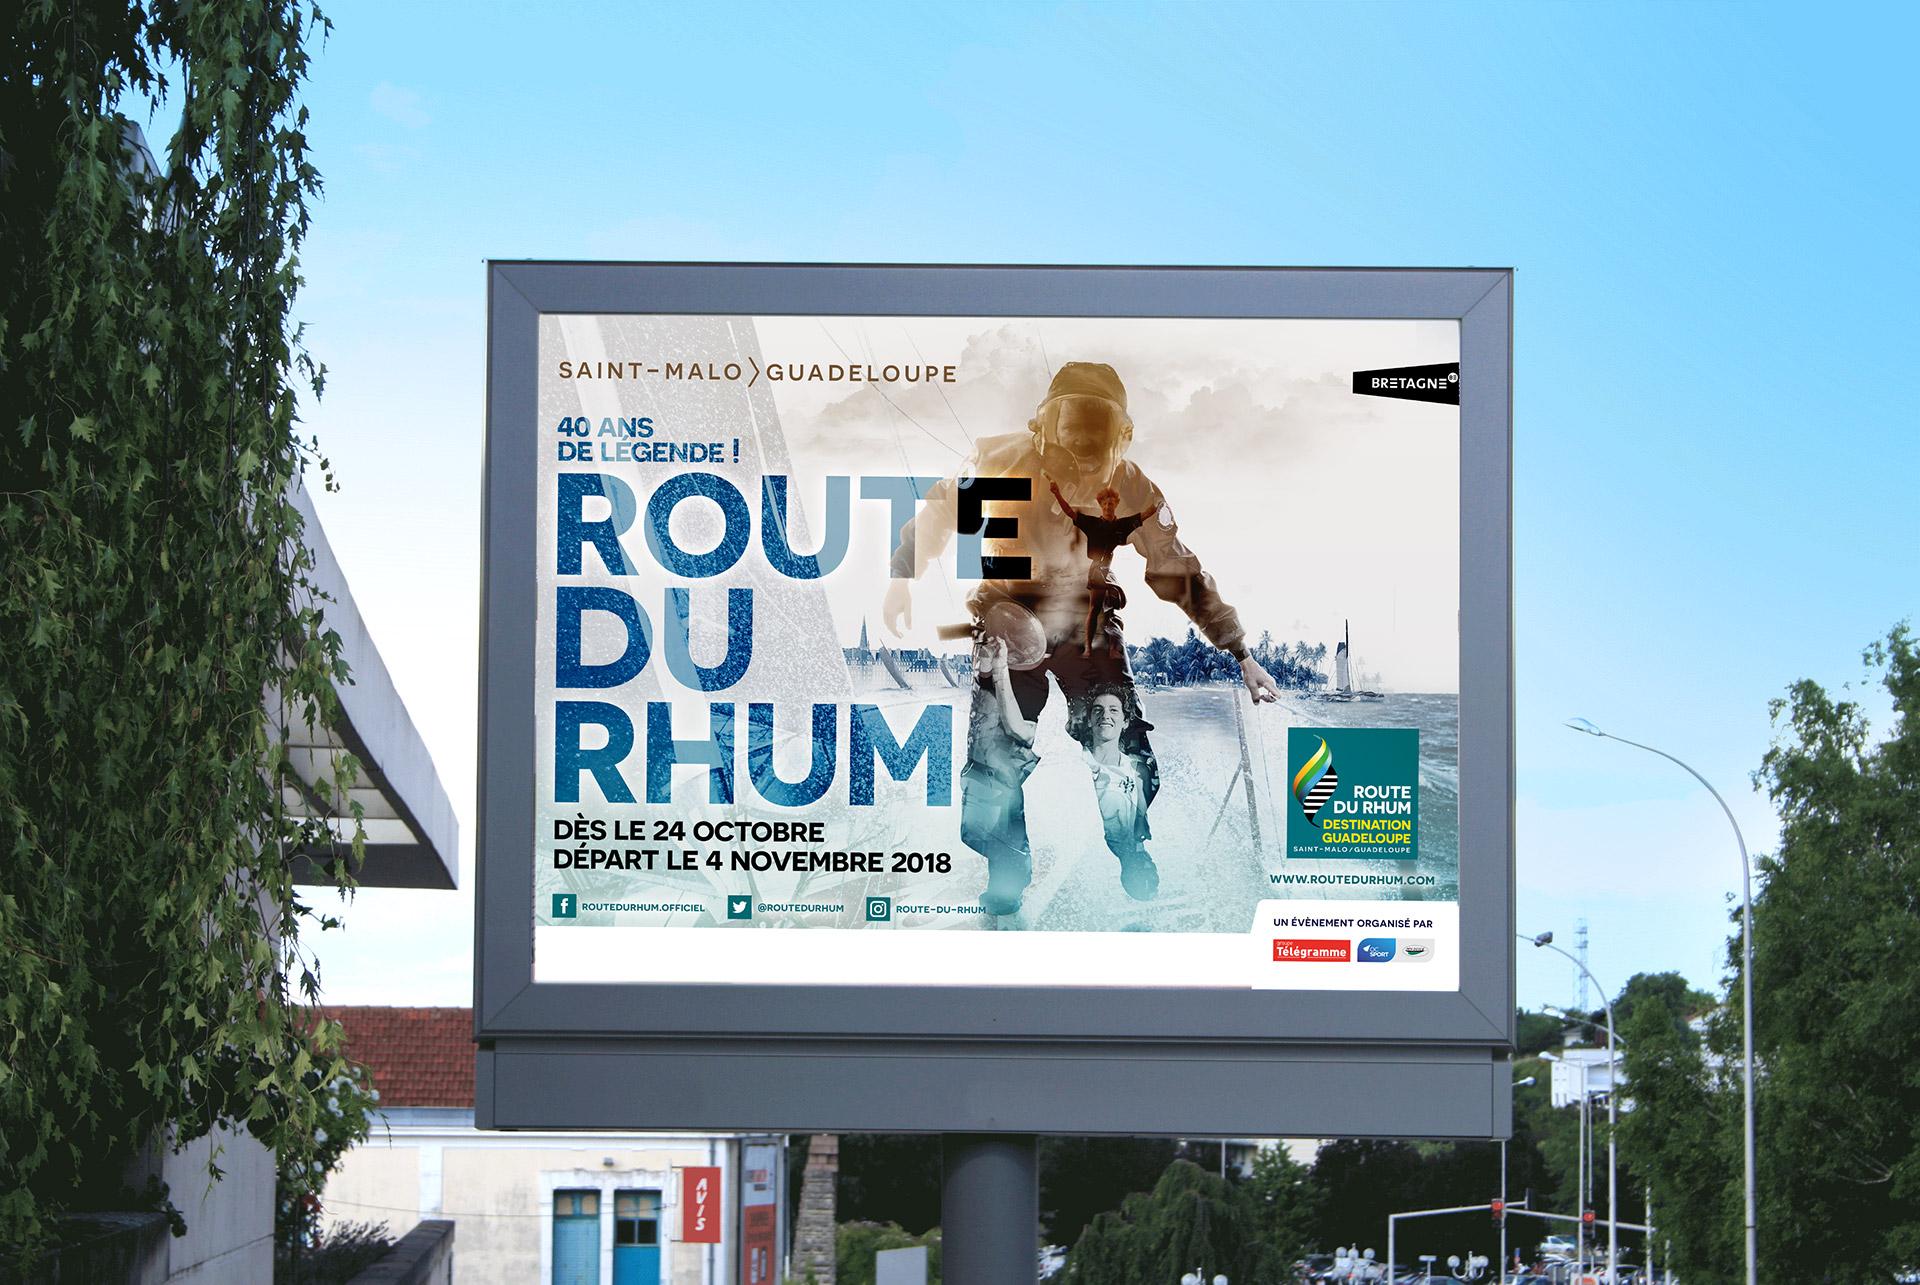 Affiche 4 par 3 de la Route du Rhum 2018 (2ème de l'appel d'offre) - agence logo